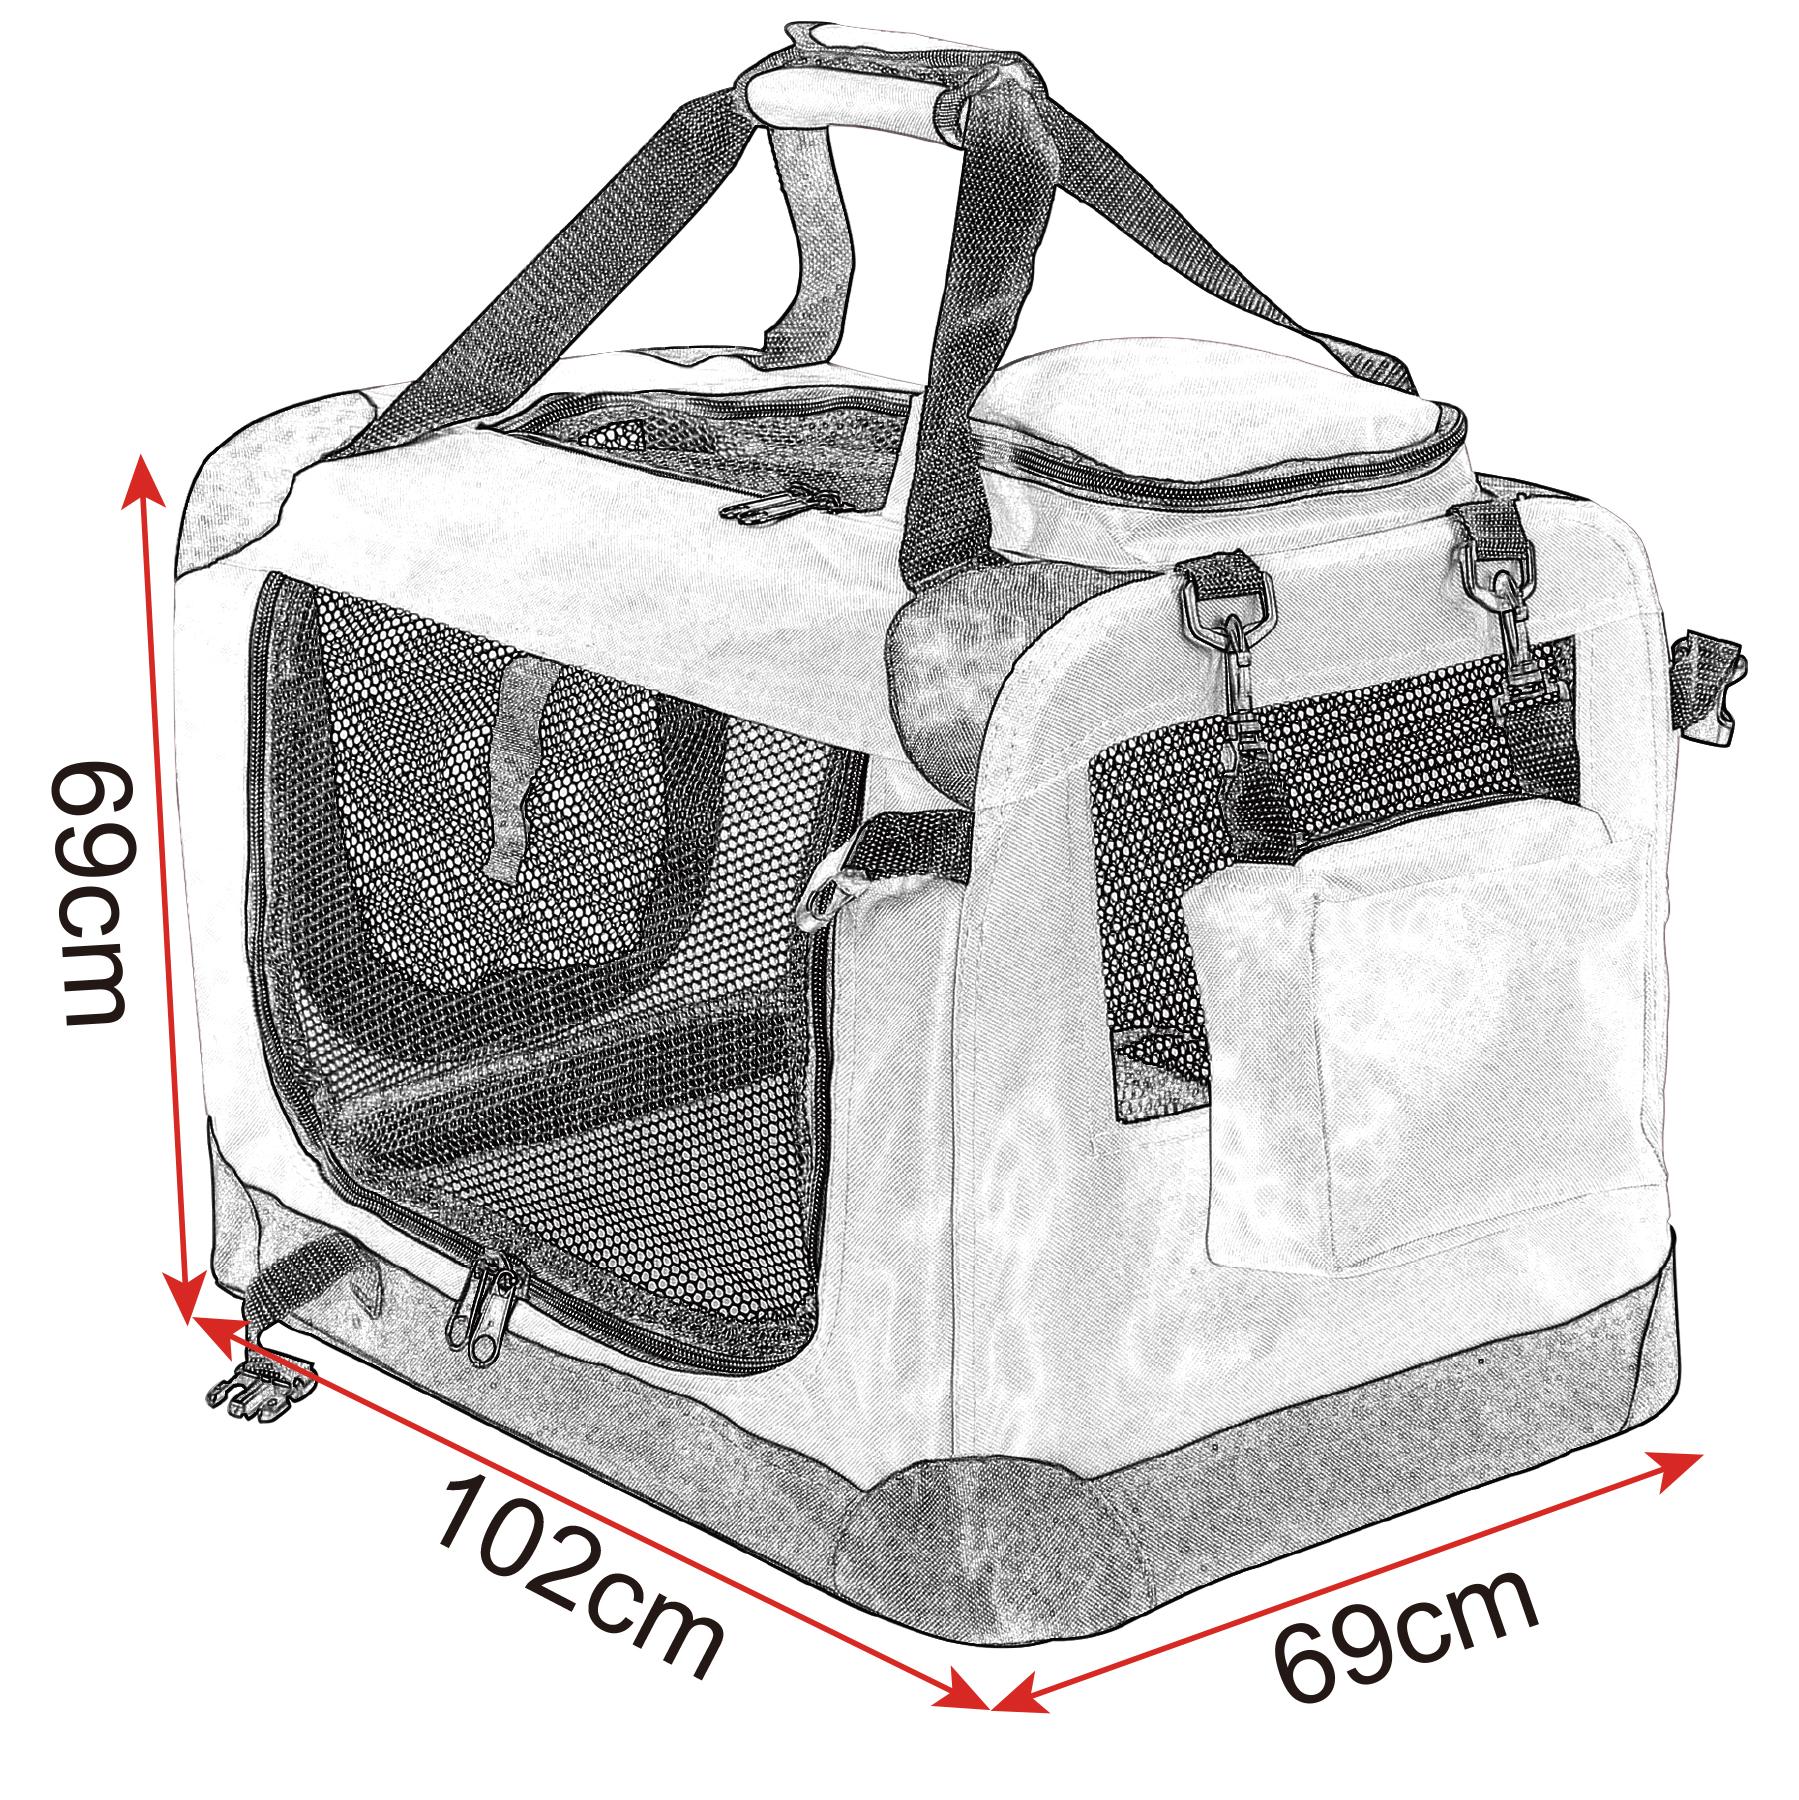 faltbare hunde transportbox hundebox autotransportbox. Black Bedroom Furniture Sets. Home Design Ideas